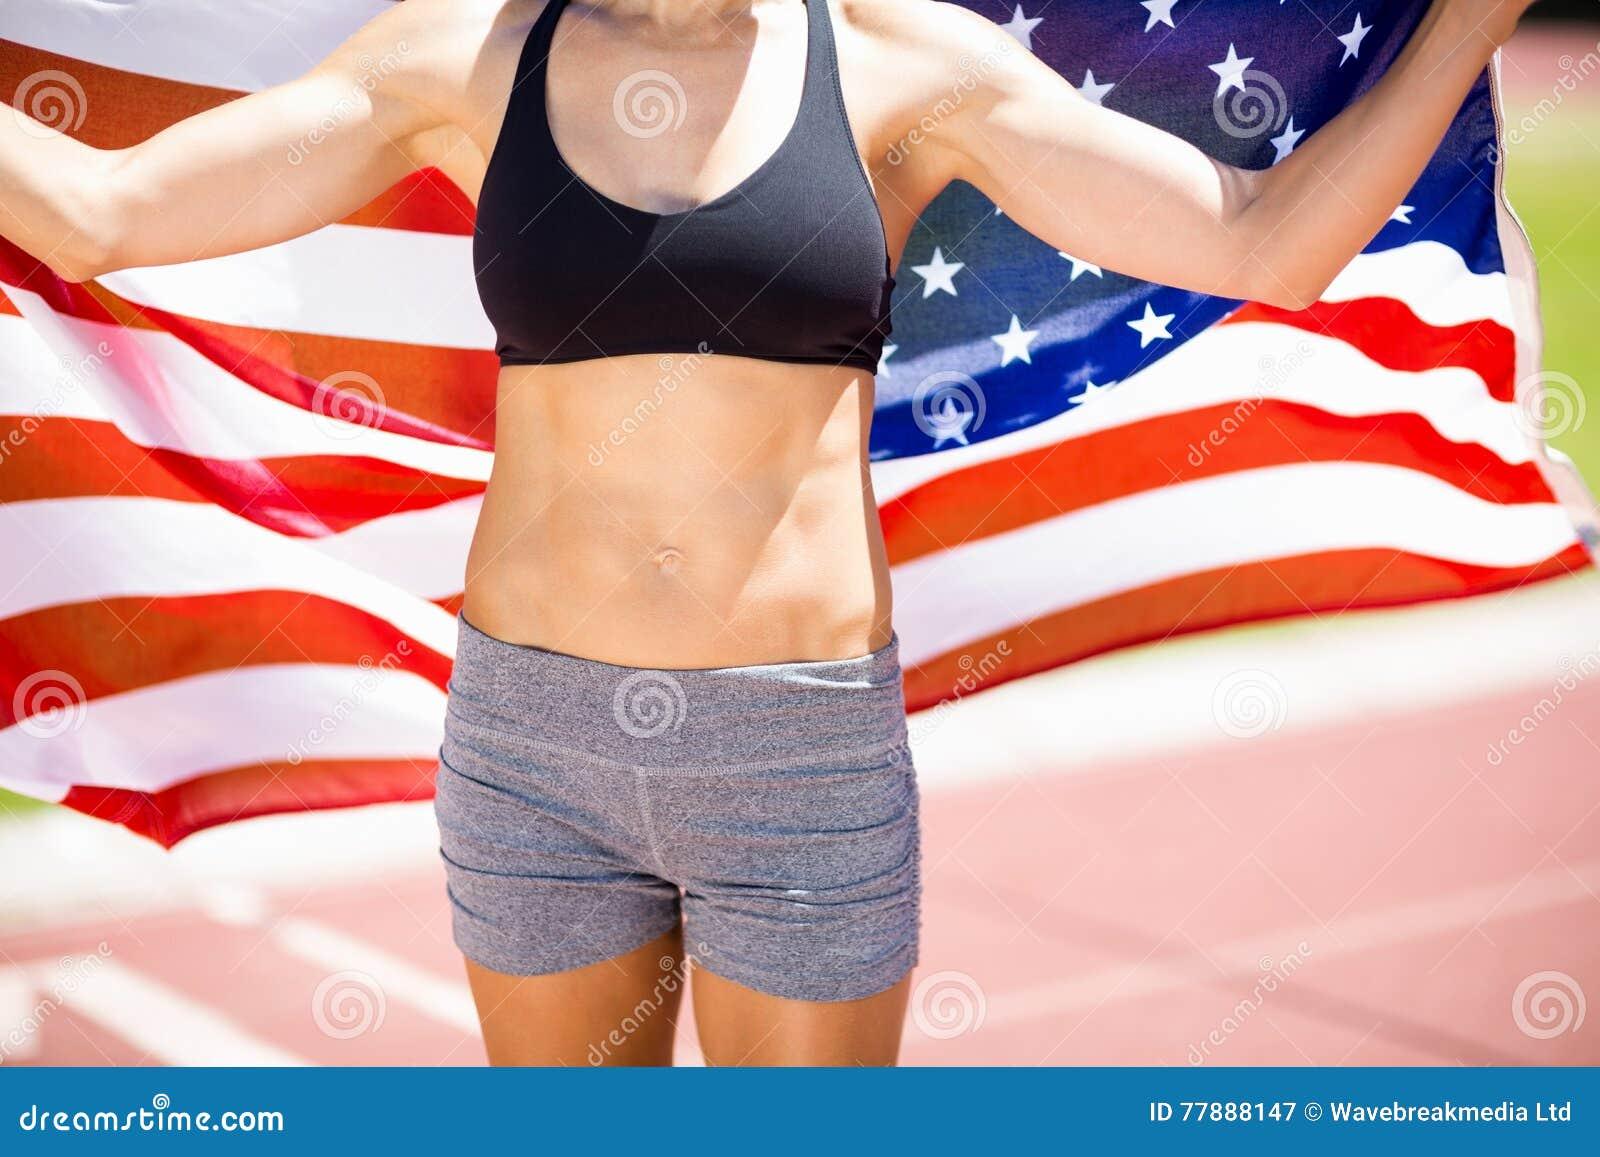 Mediados De Sección Del Atleta De Sexo Femenino Que Soporta La Bandera Americana En Pista Corriente Foto de archivo